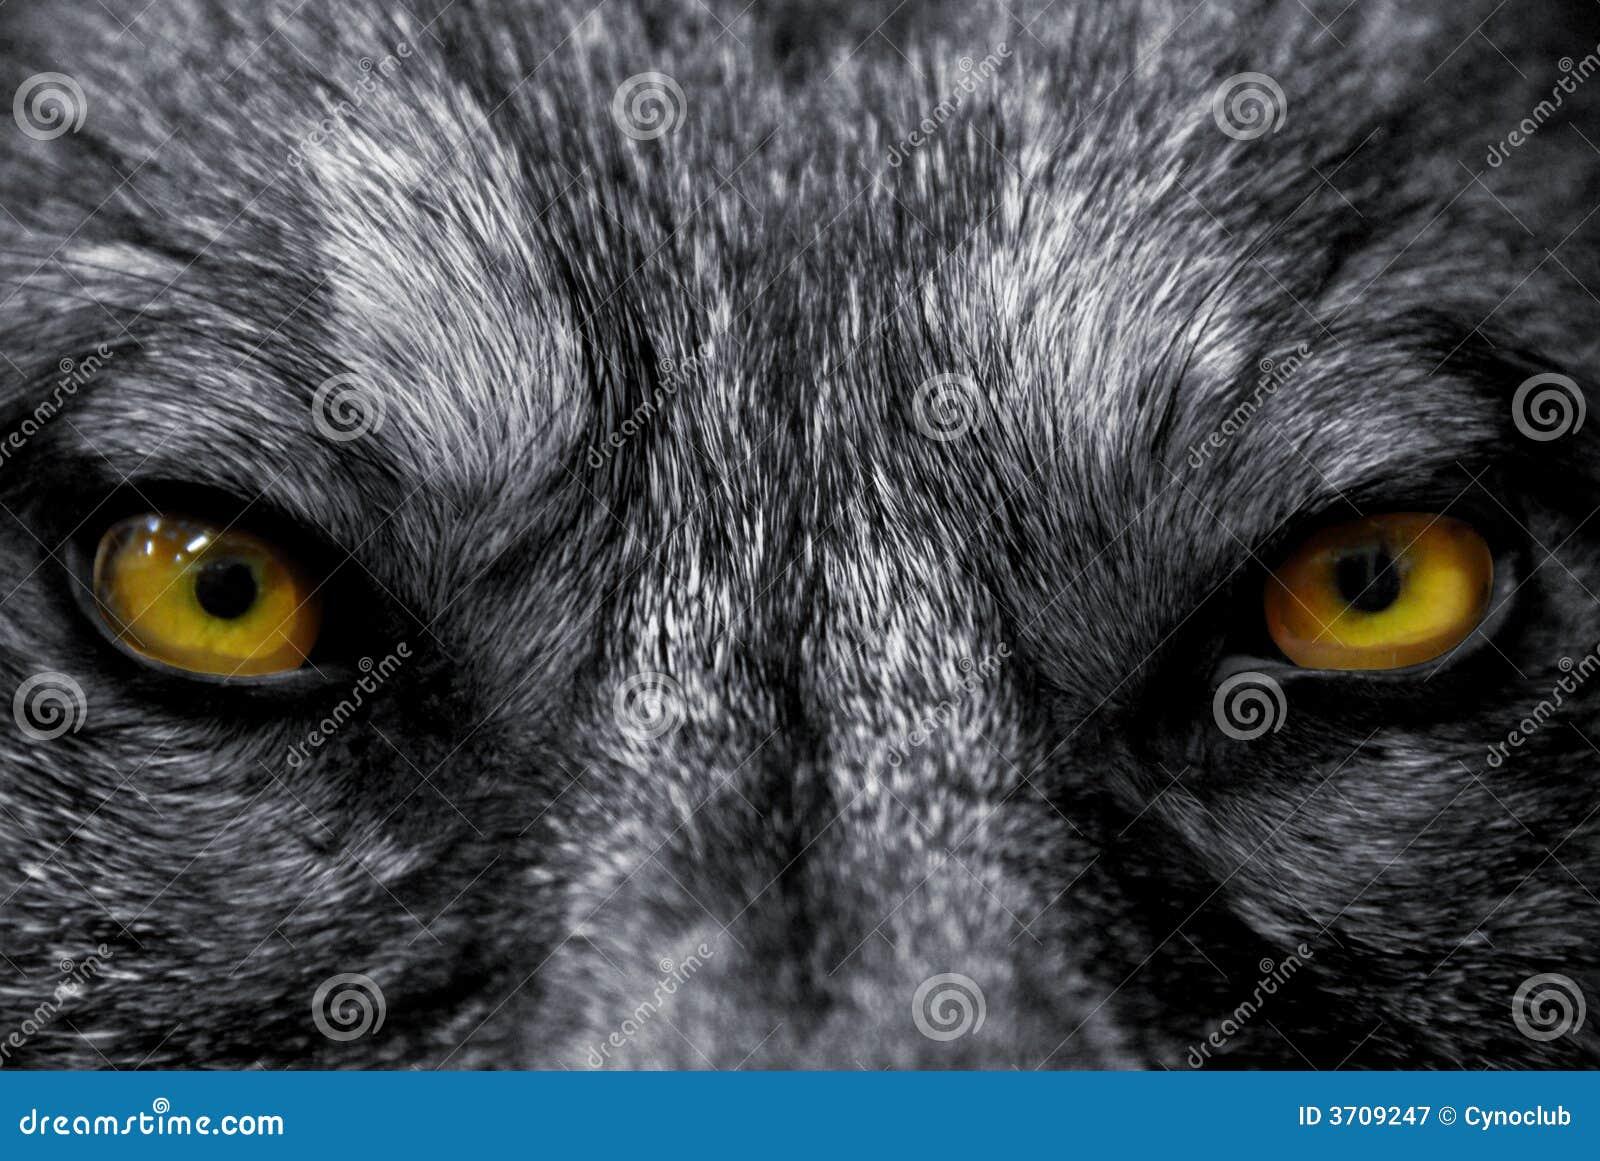 Oczy wilka